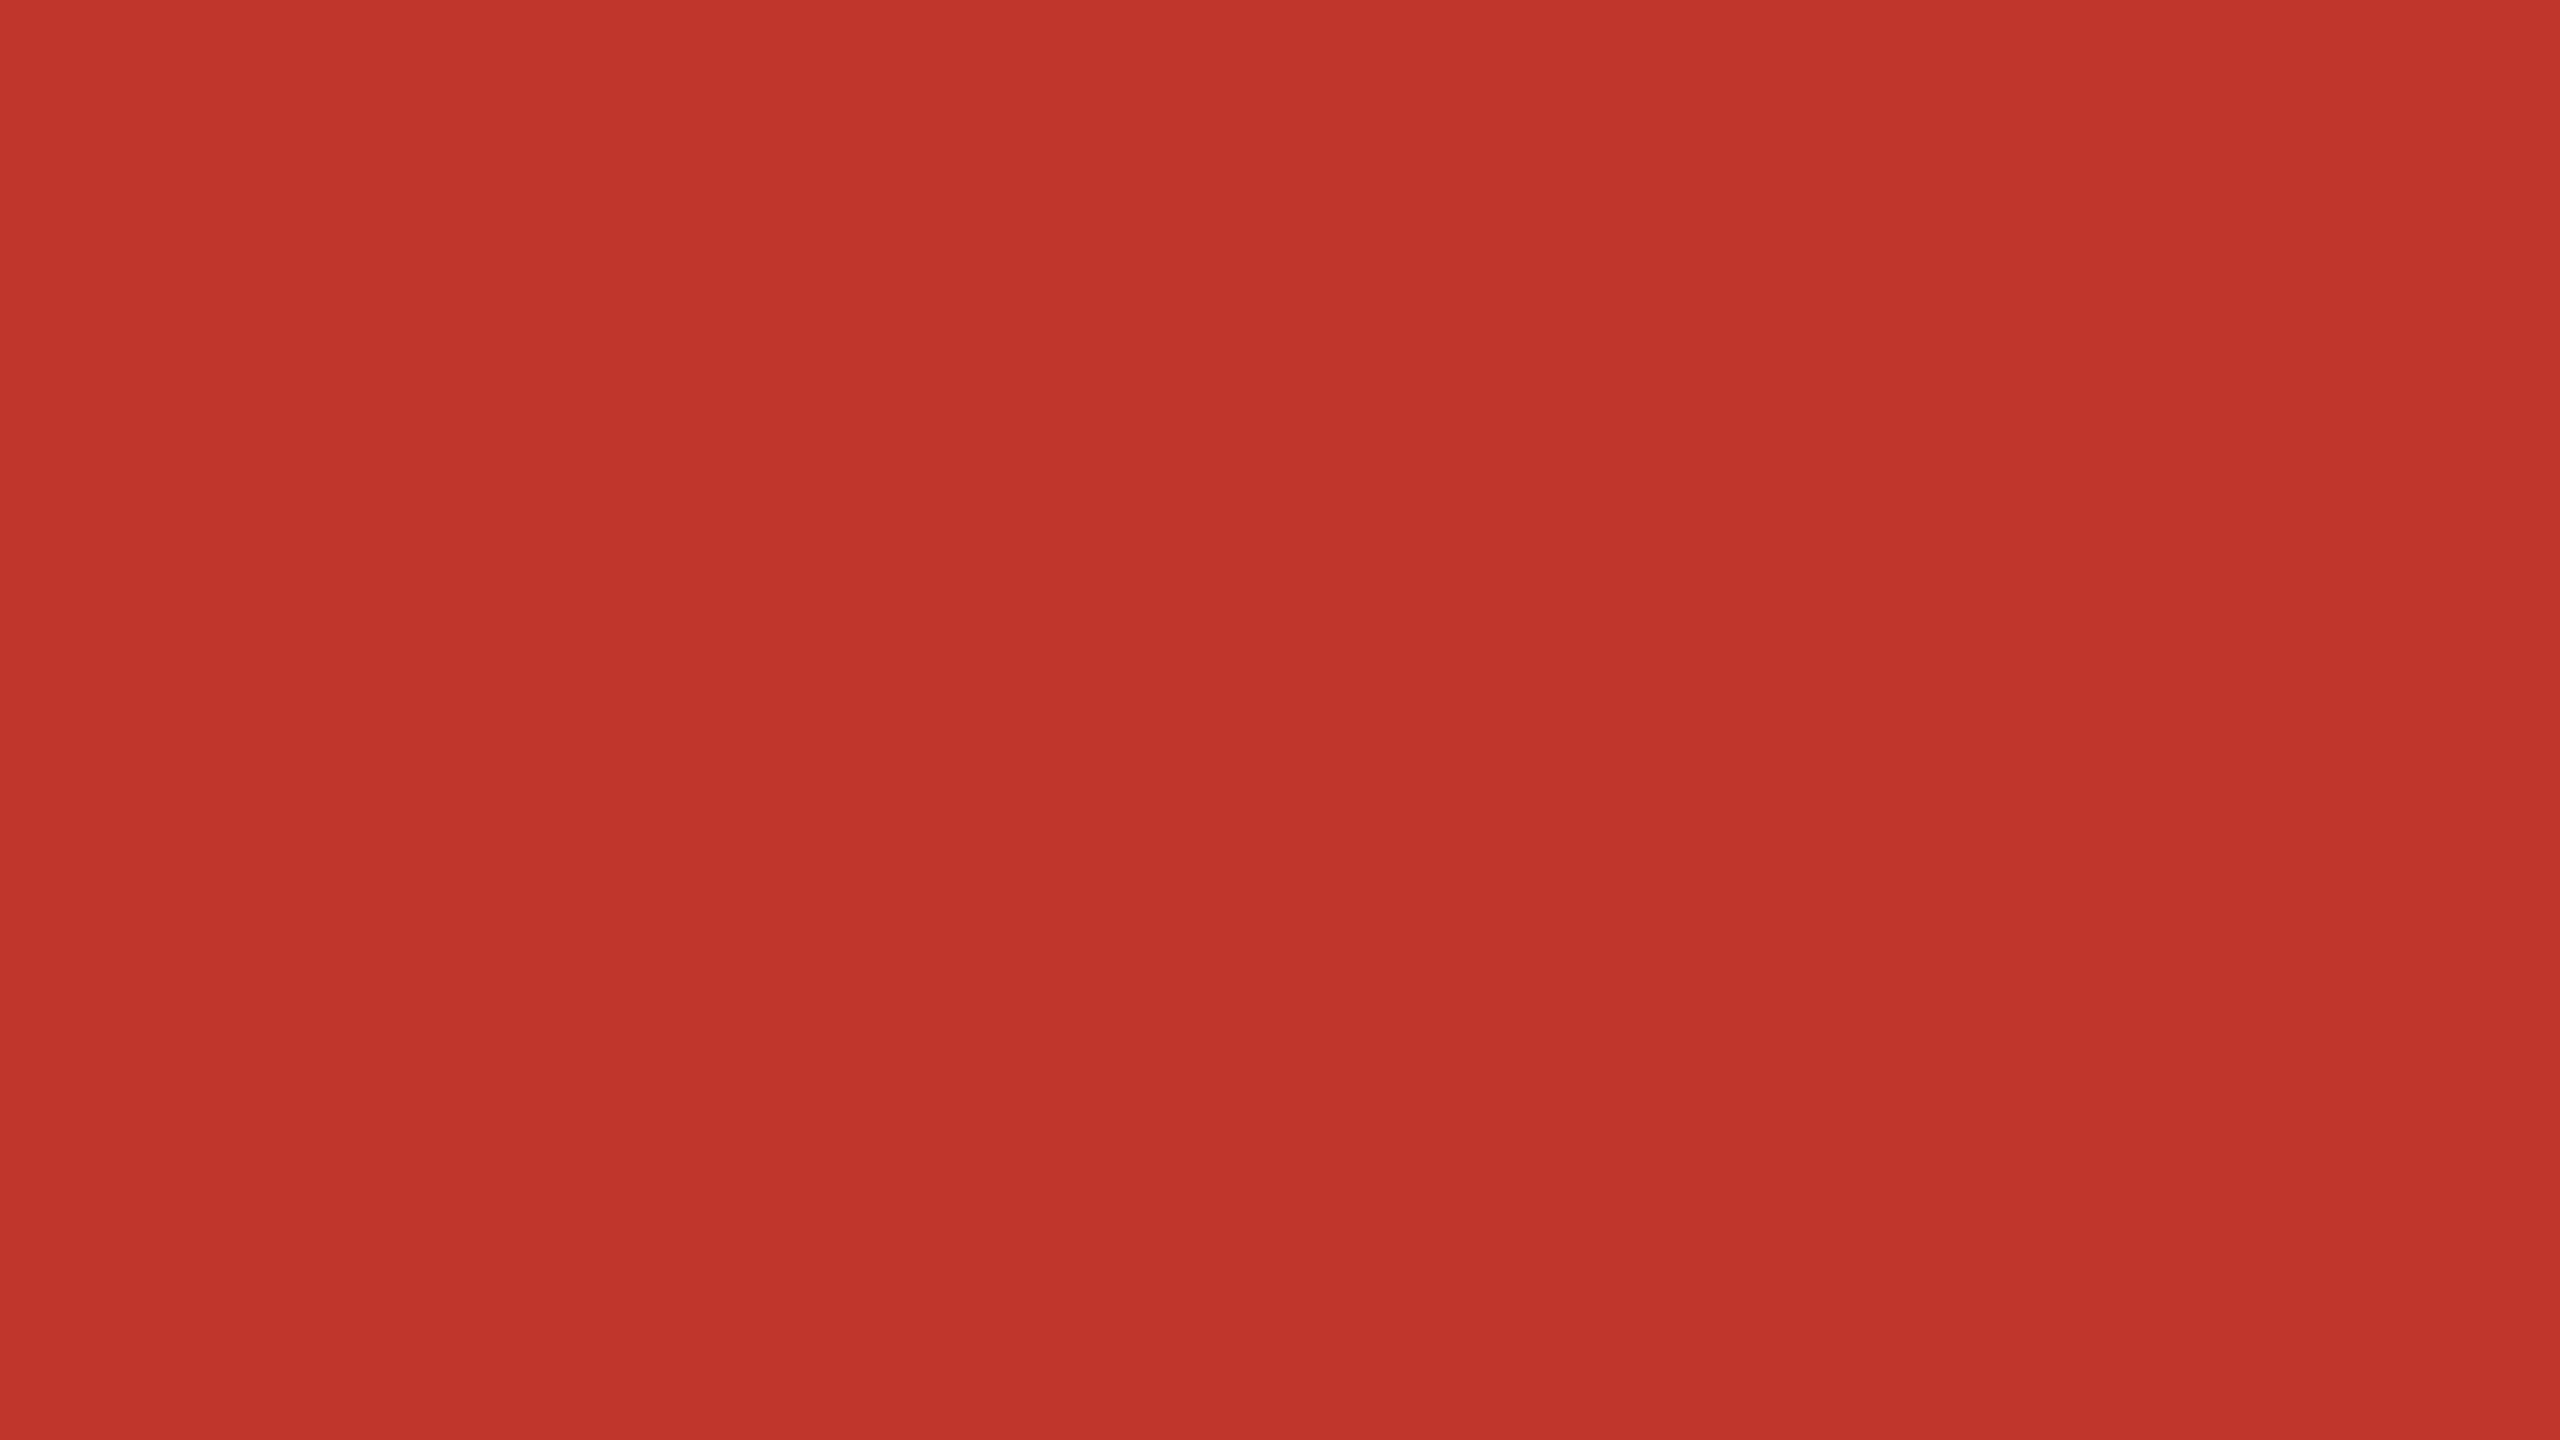 2560x1440 International Orange Golden Gate Bridge Solid